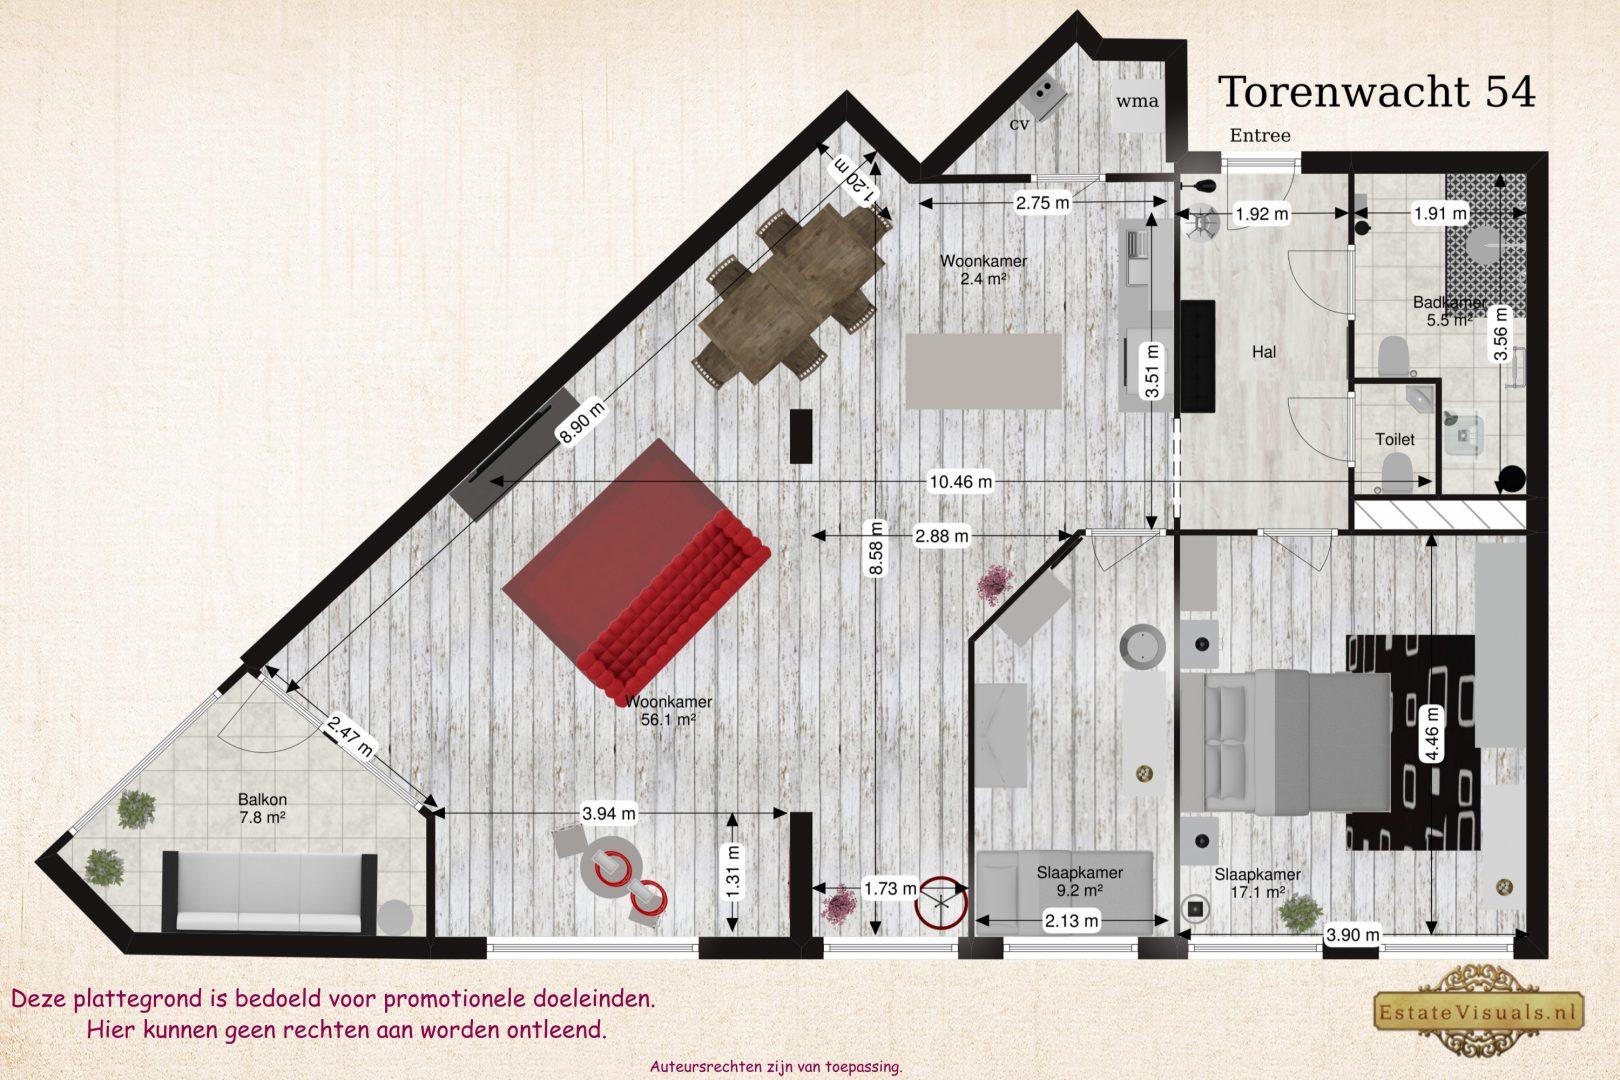 Floorplan 2D Torenwacht 54, Leiderdorp